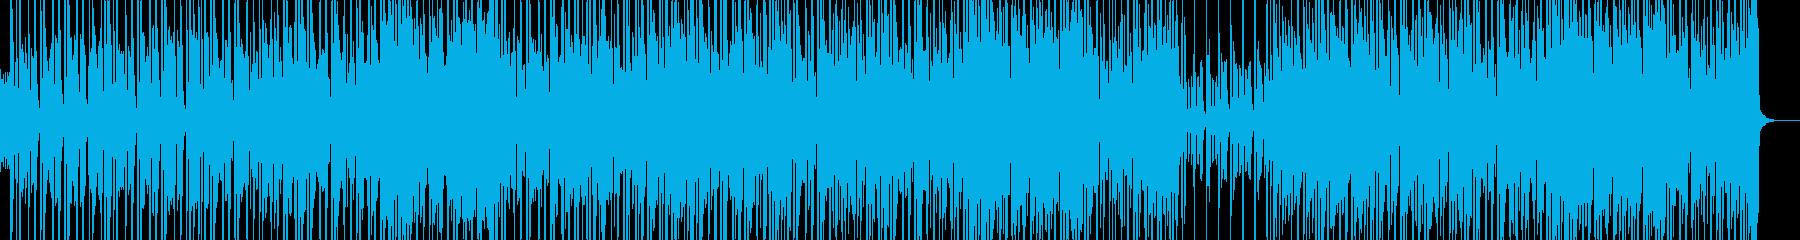 CM向けファンクトラックの再生済みの波形